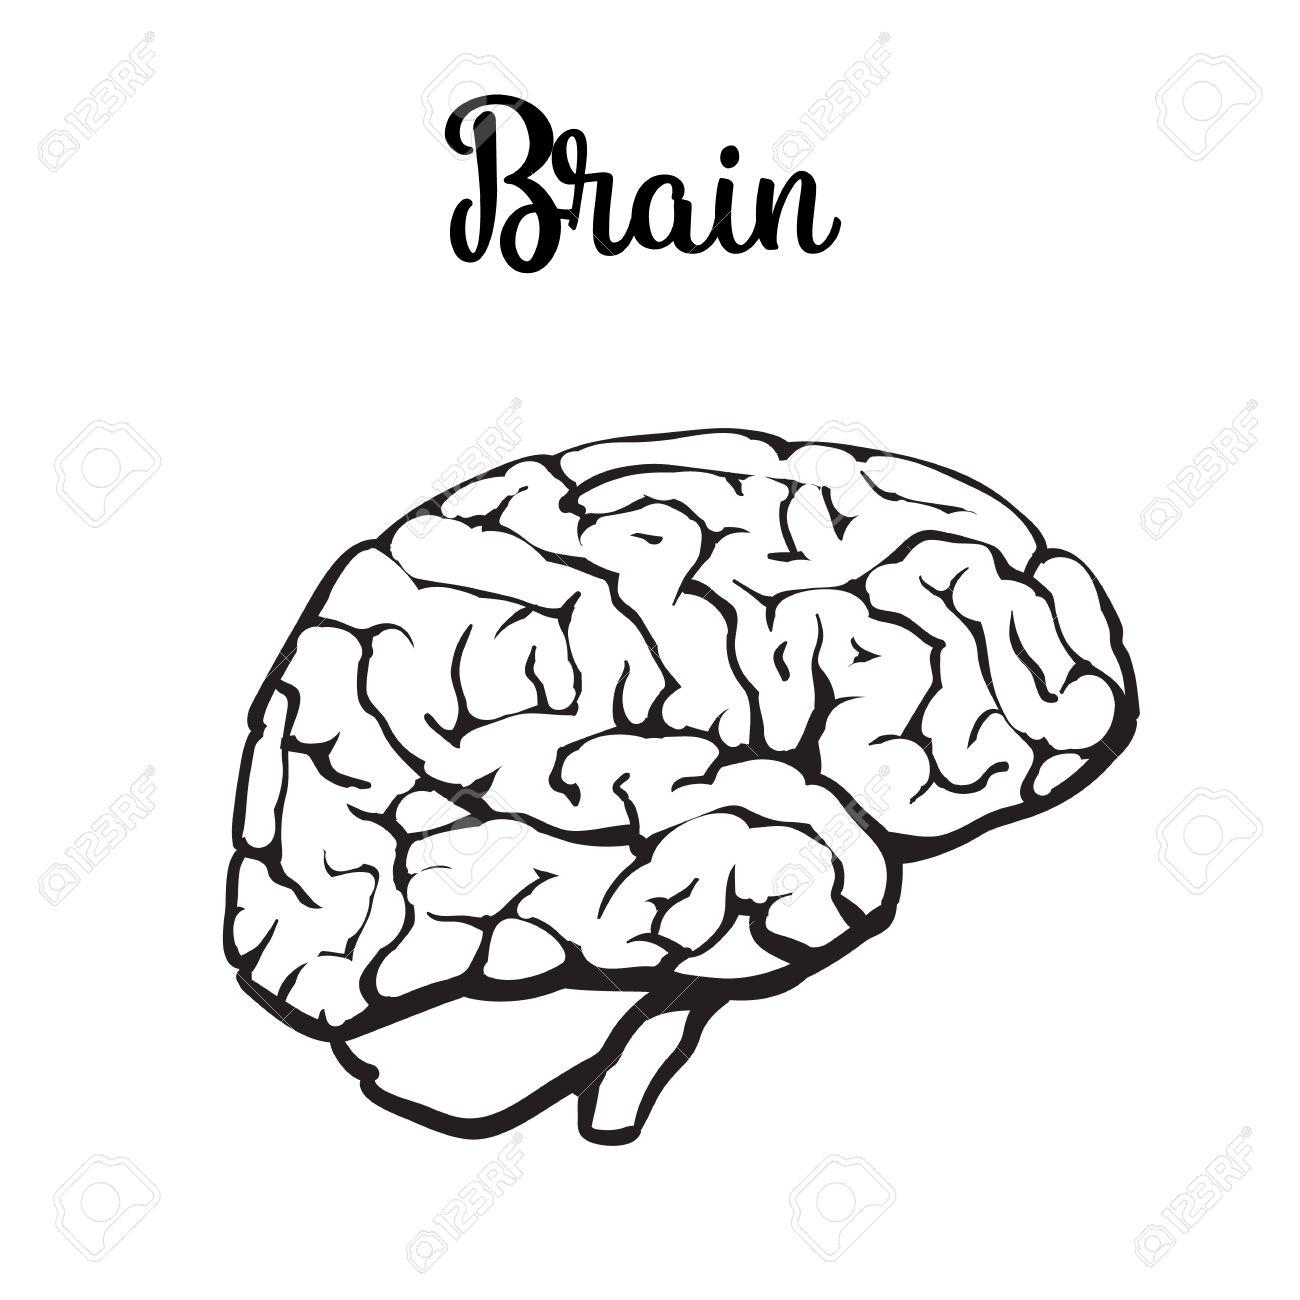 Cerebro Humano, Ilustración Vectorial Dibujo De Un Cerebro Aislado ...